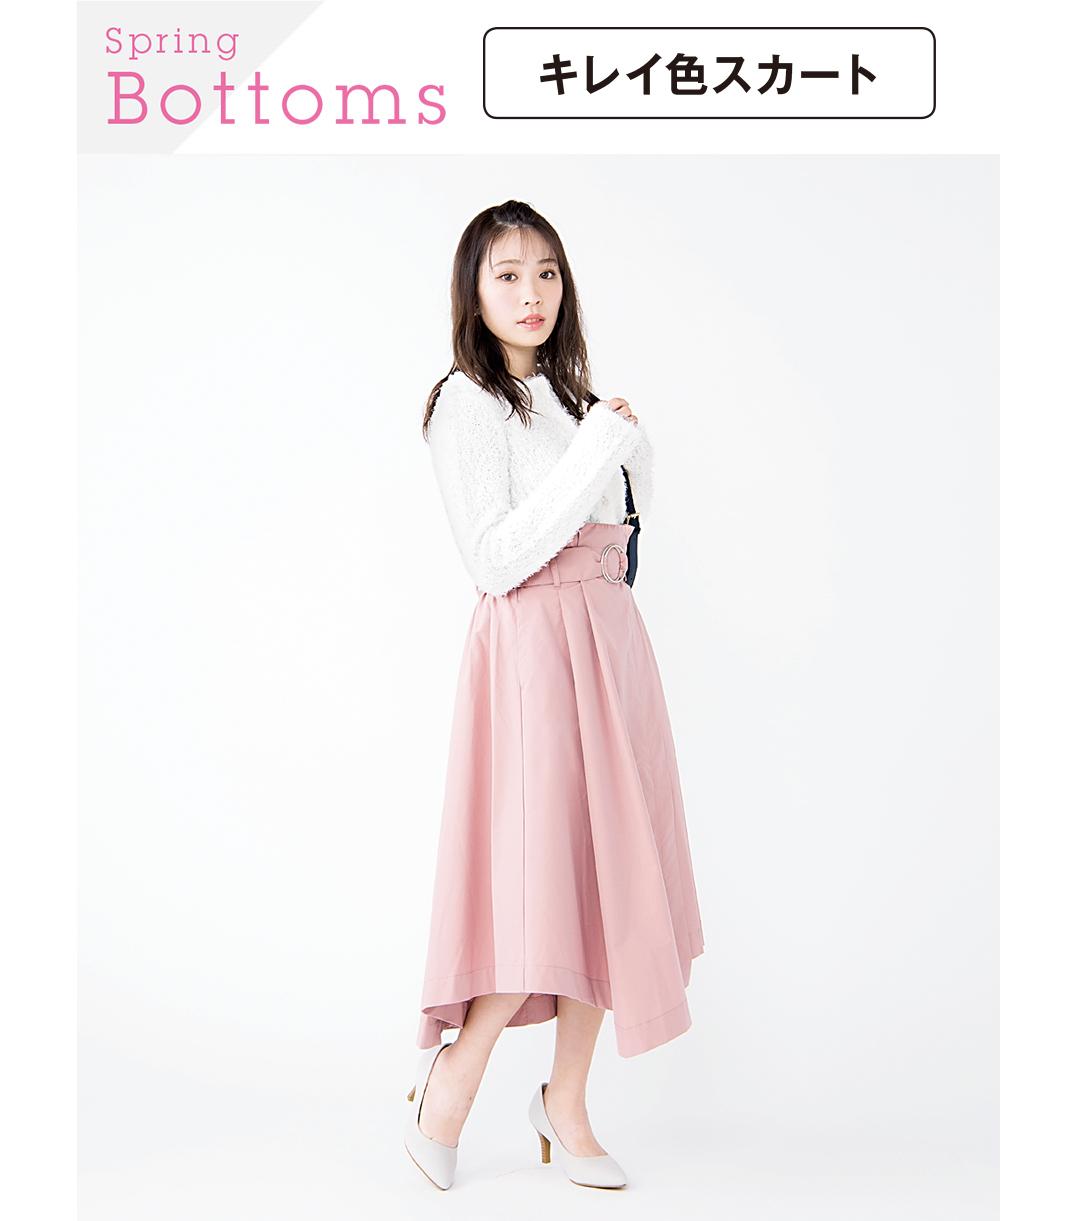 身長別似合う服♡ 必見・身長153cmの小さいさんが春のトレンドコーデを着比べ!_1_4-2